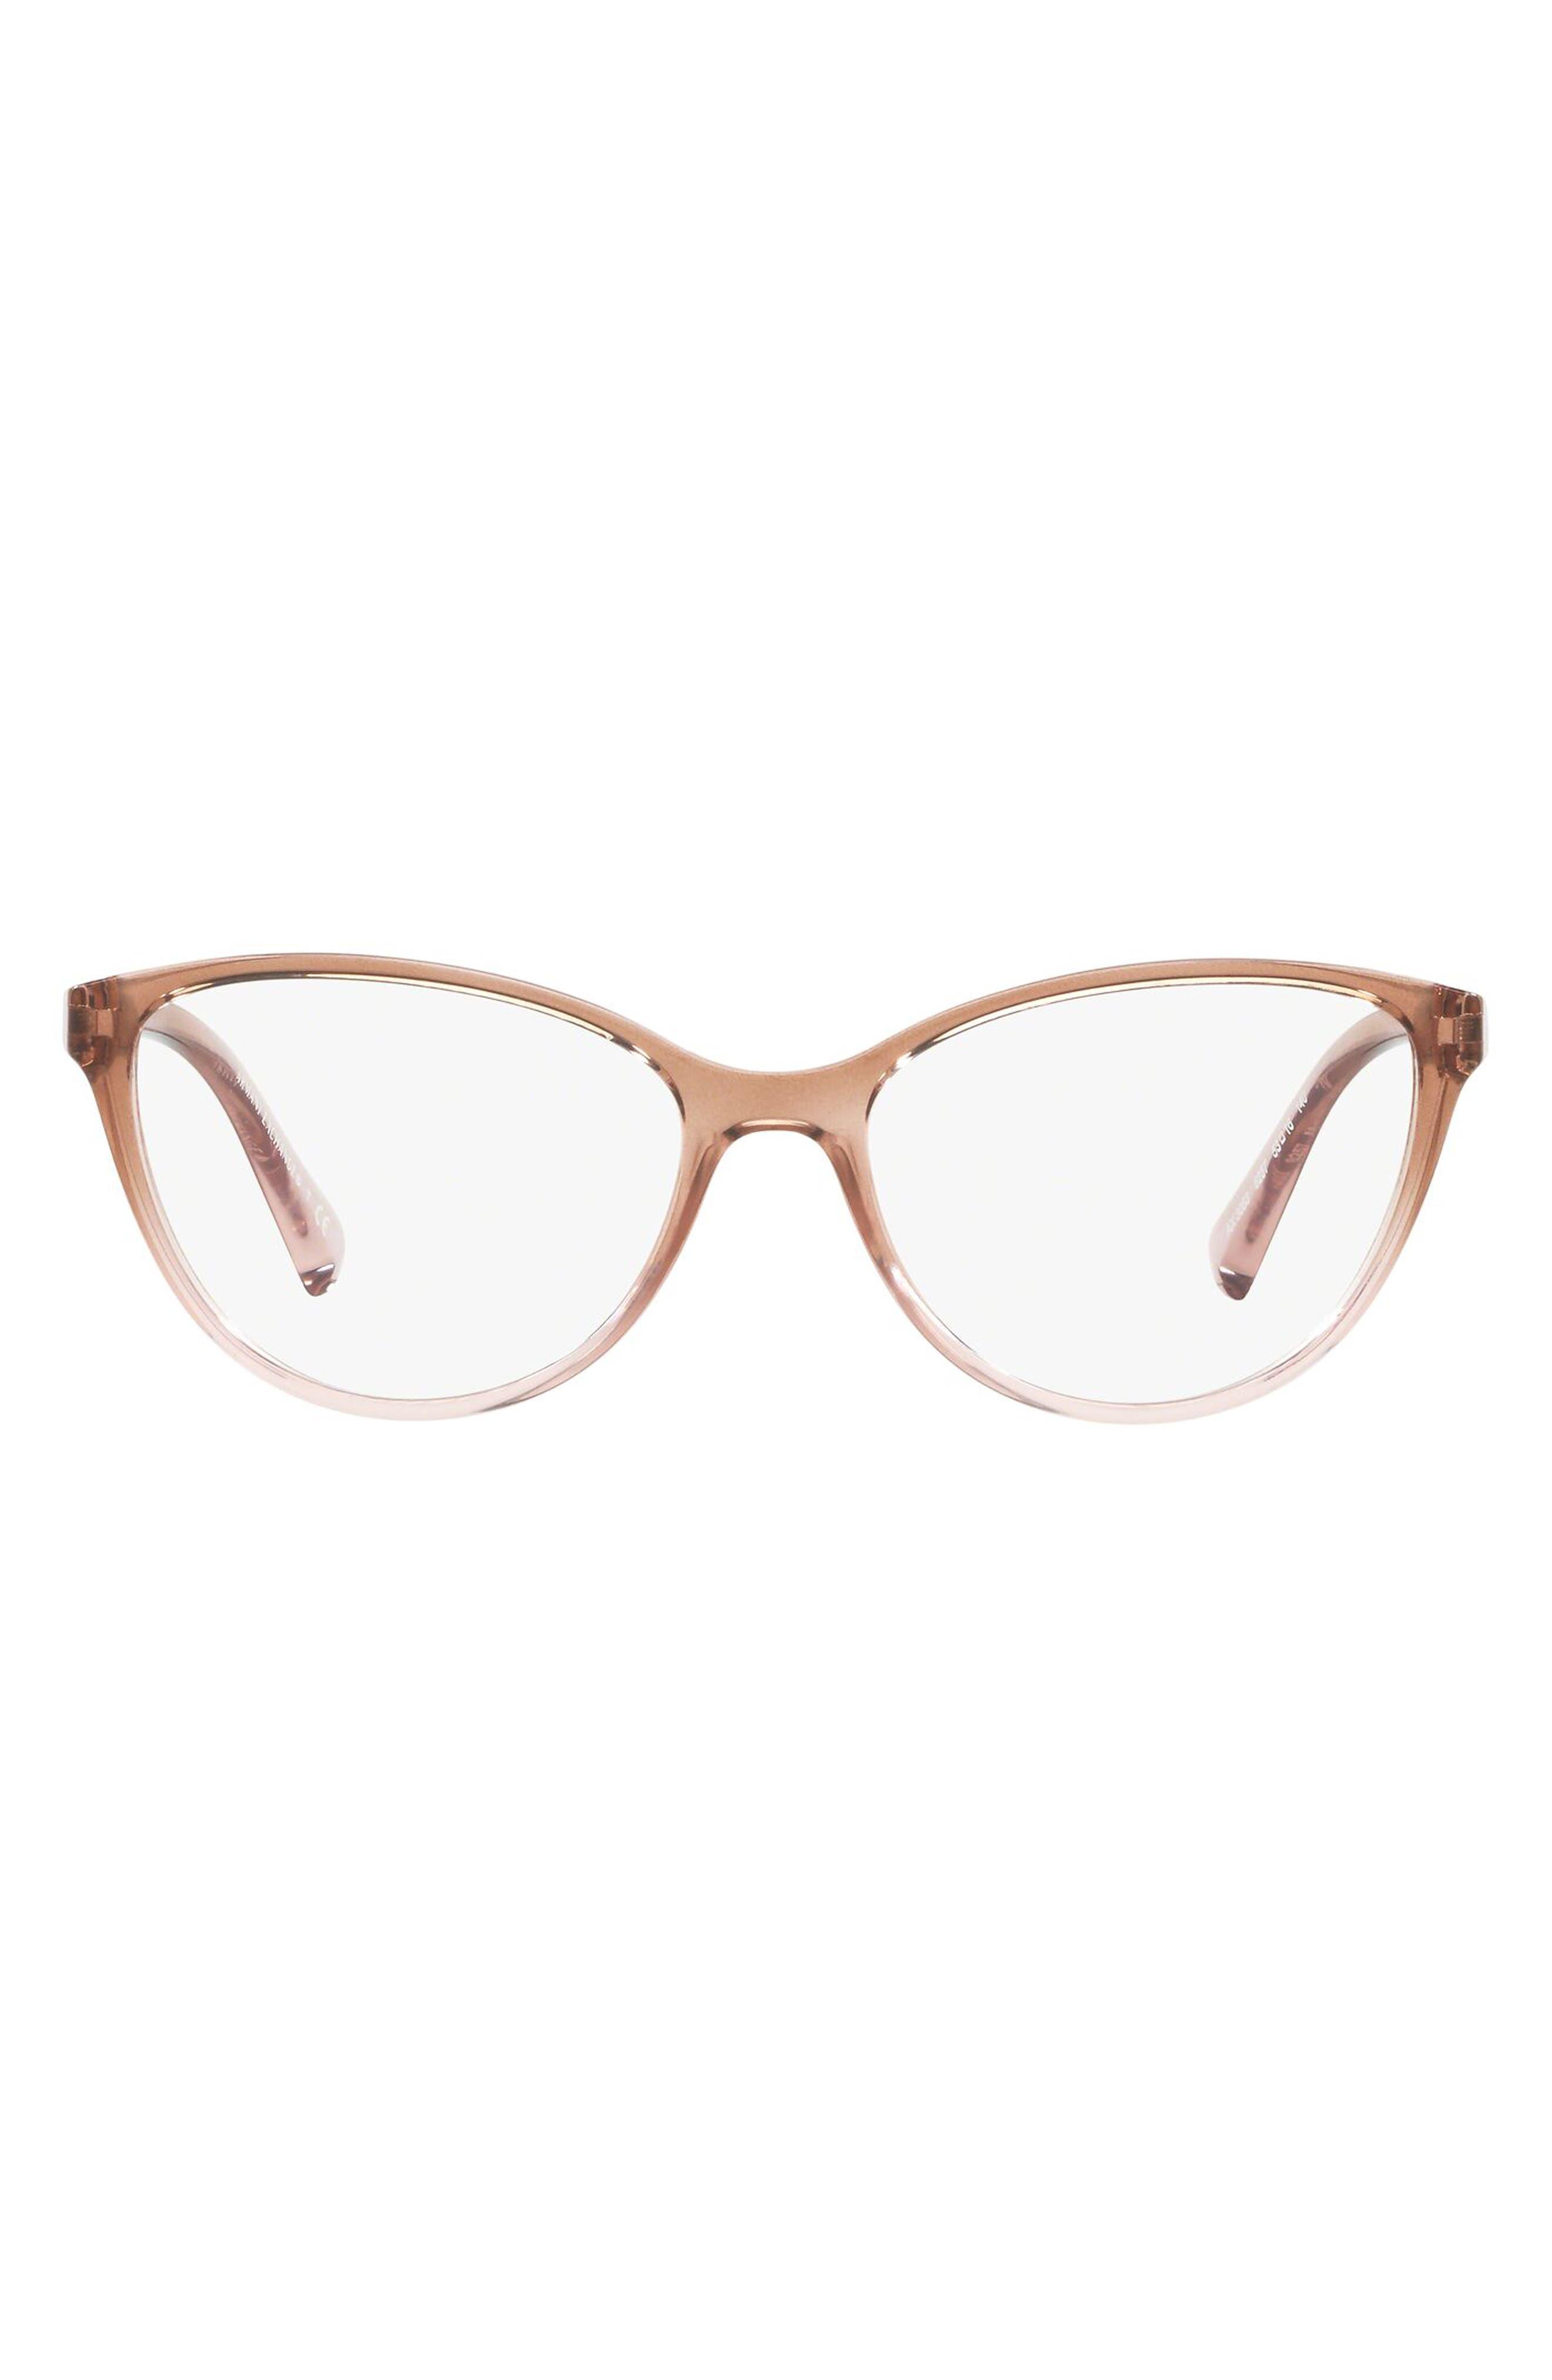 54mm Cat Eye Reading Glasses